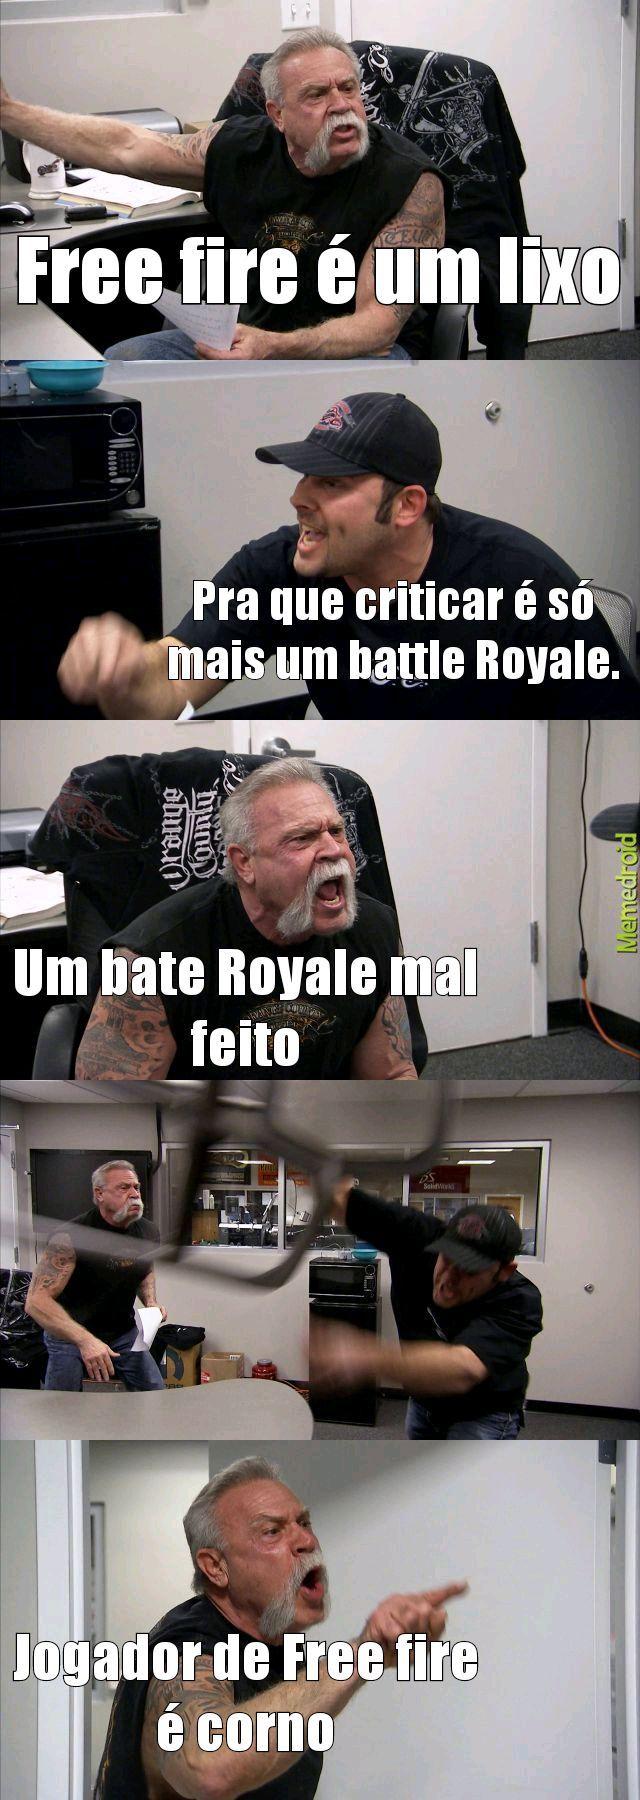 Fogo gratis - meme